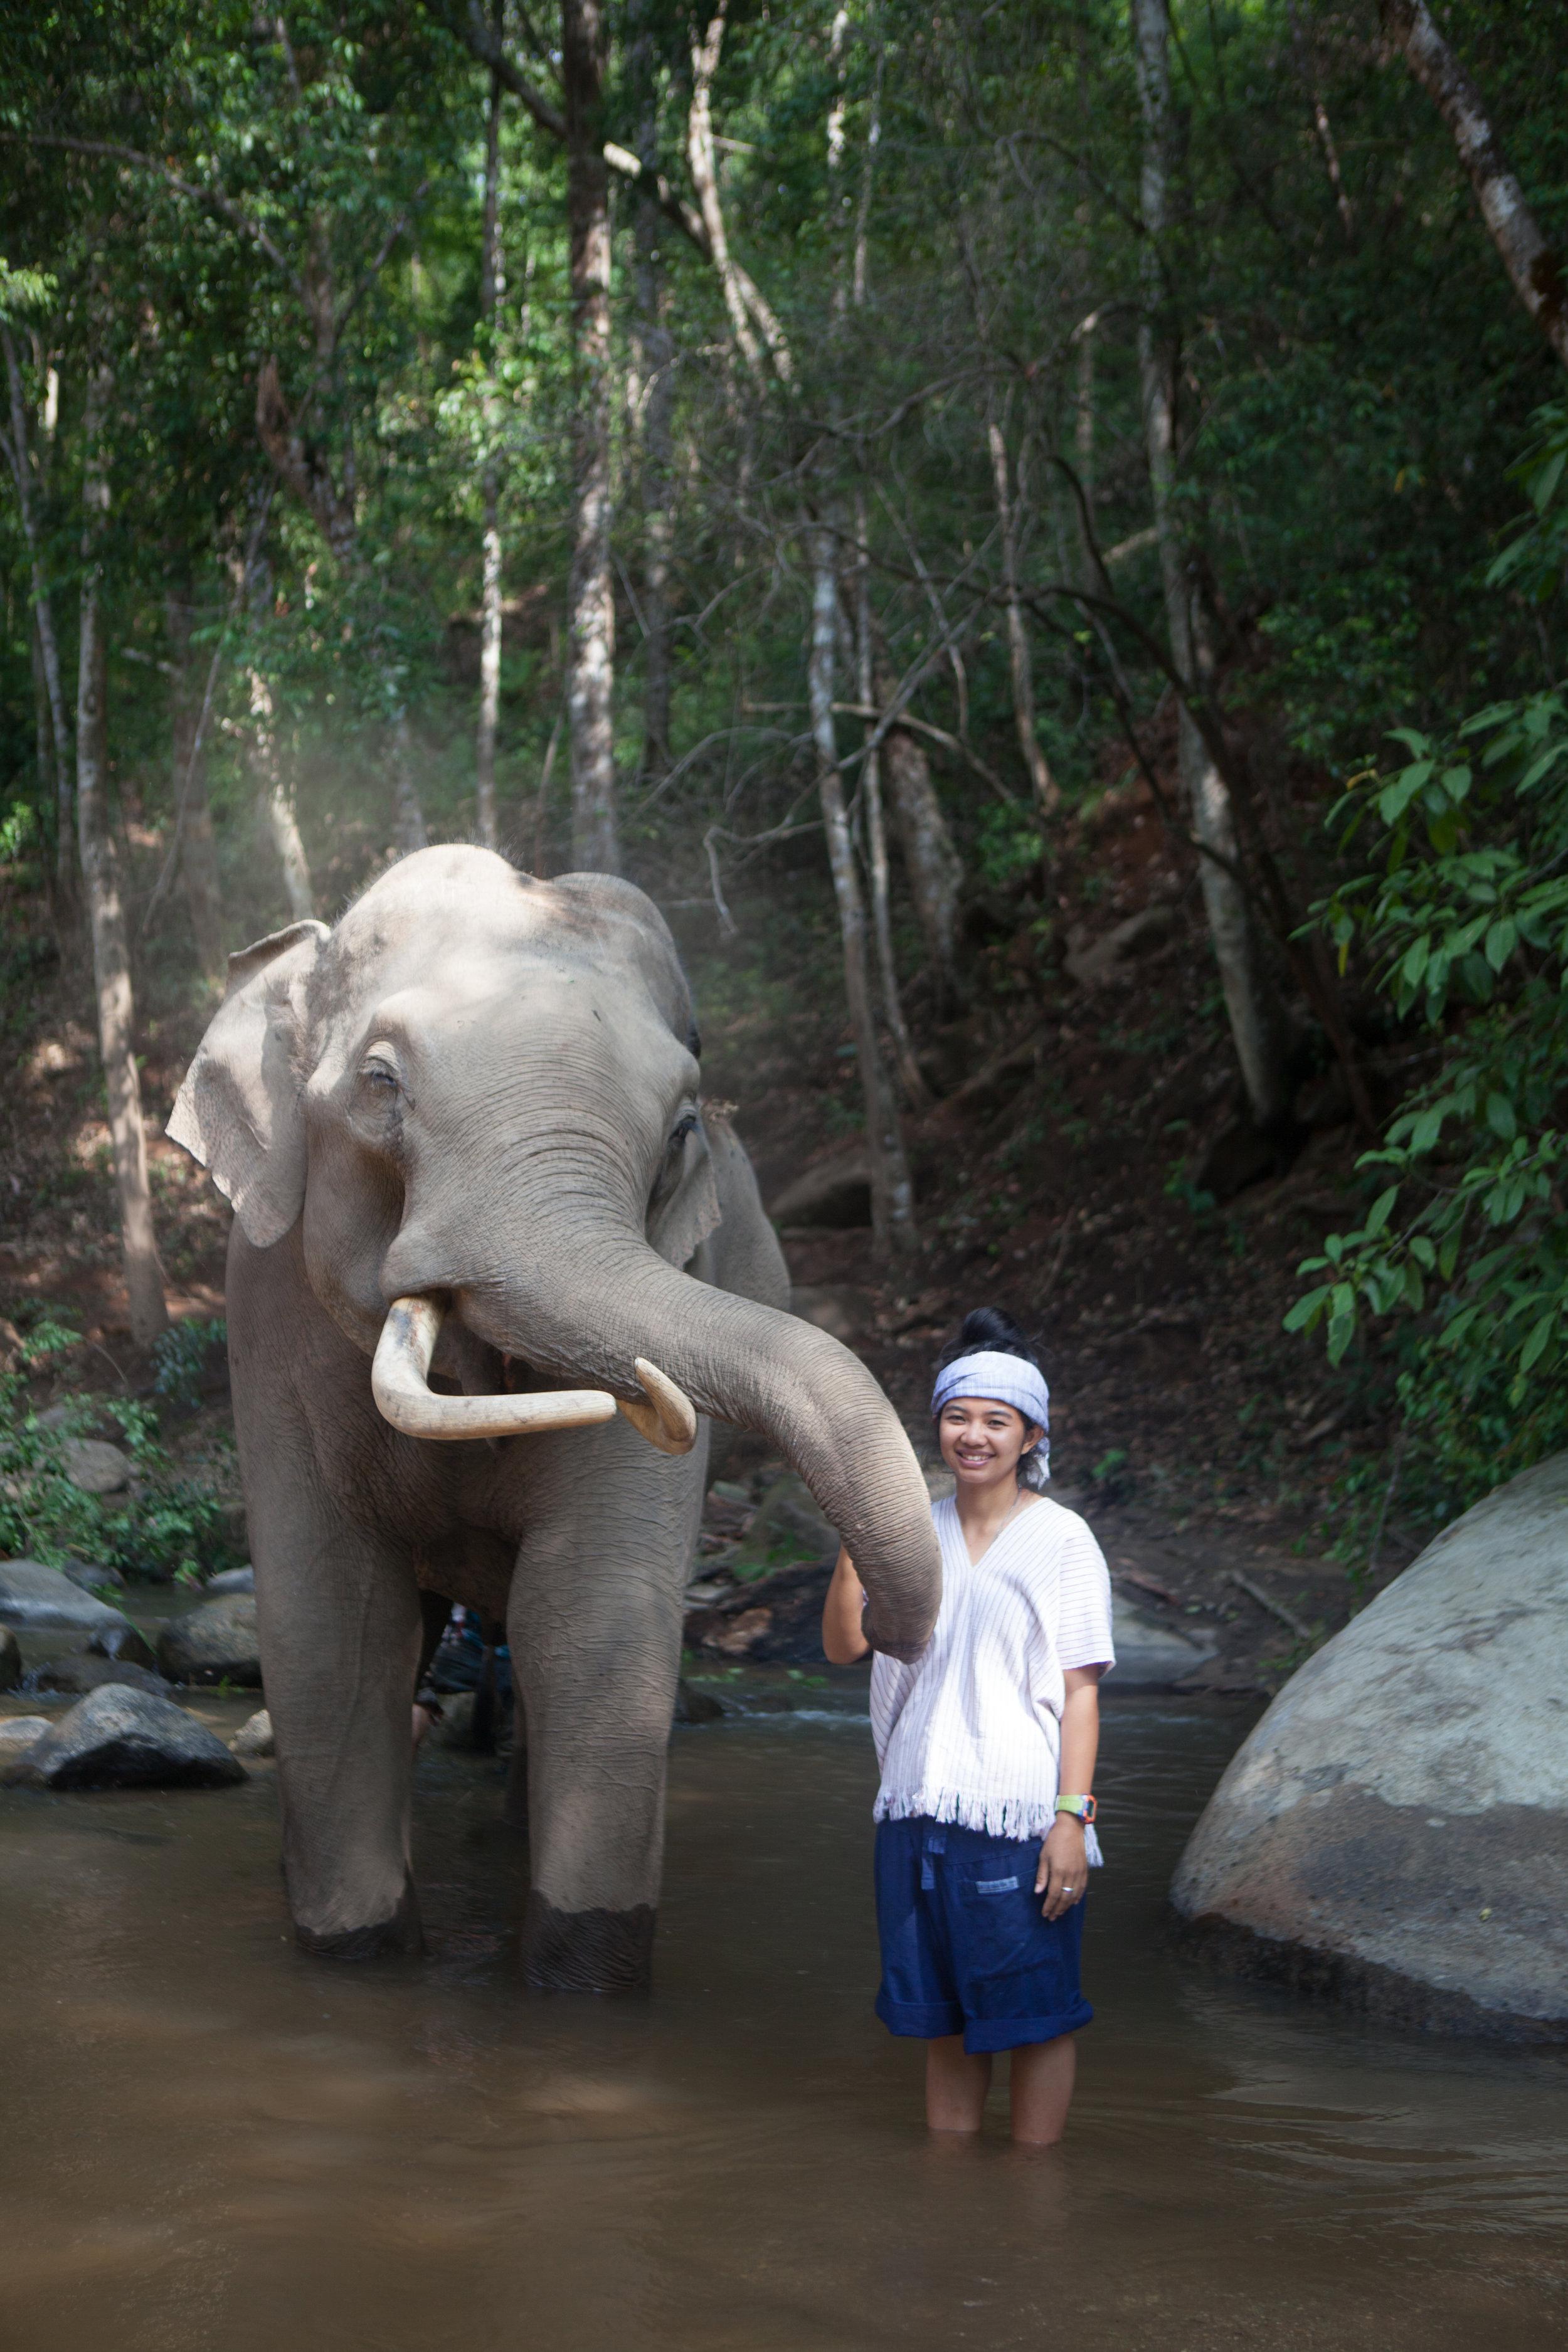 qfb-Thailand480.jpg